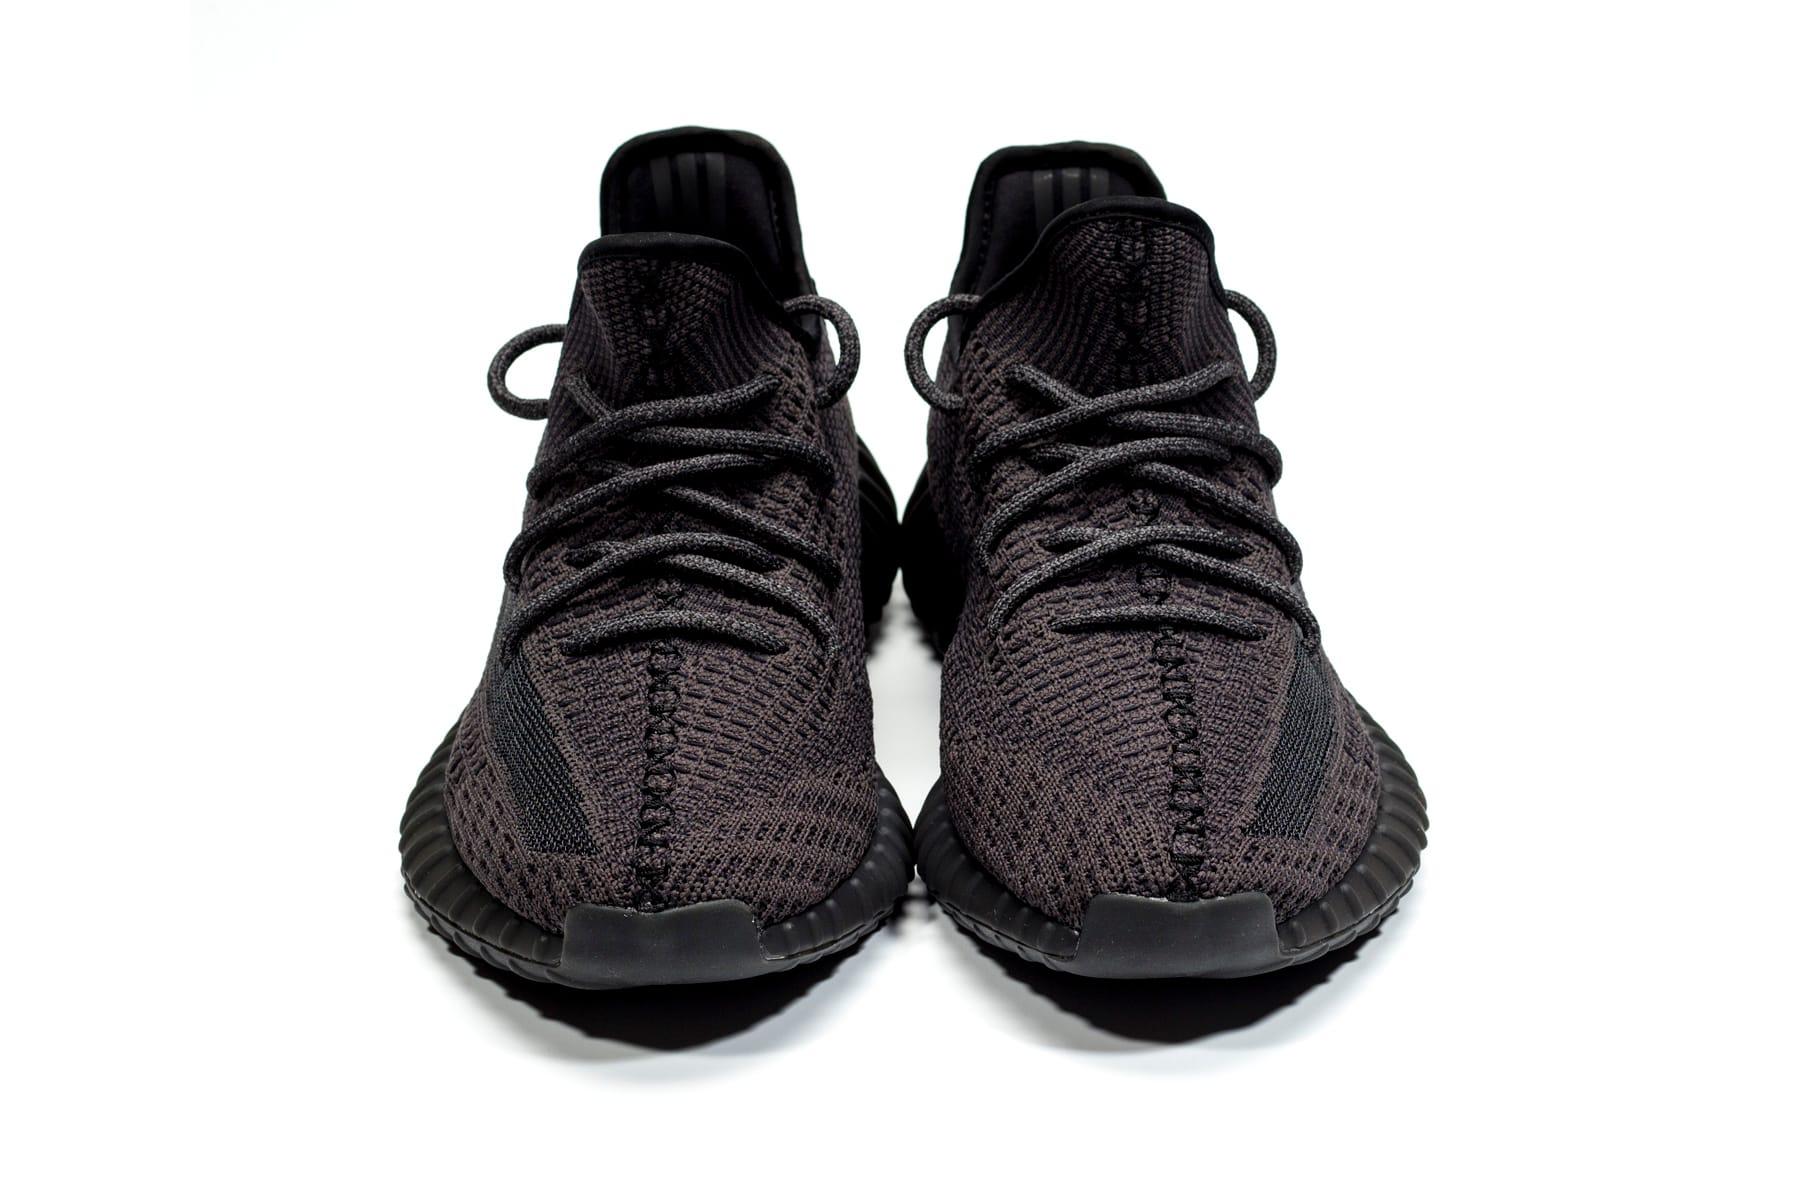 350 v2 all black